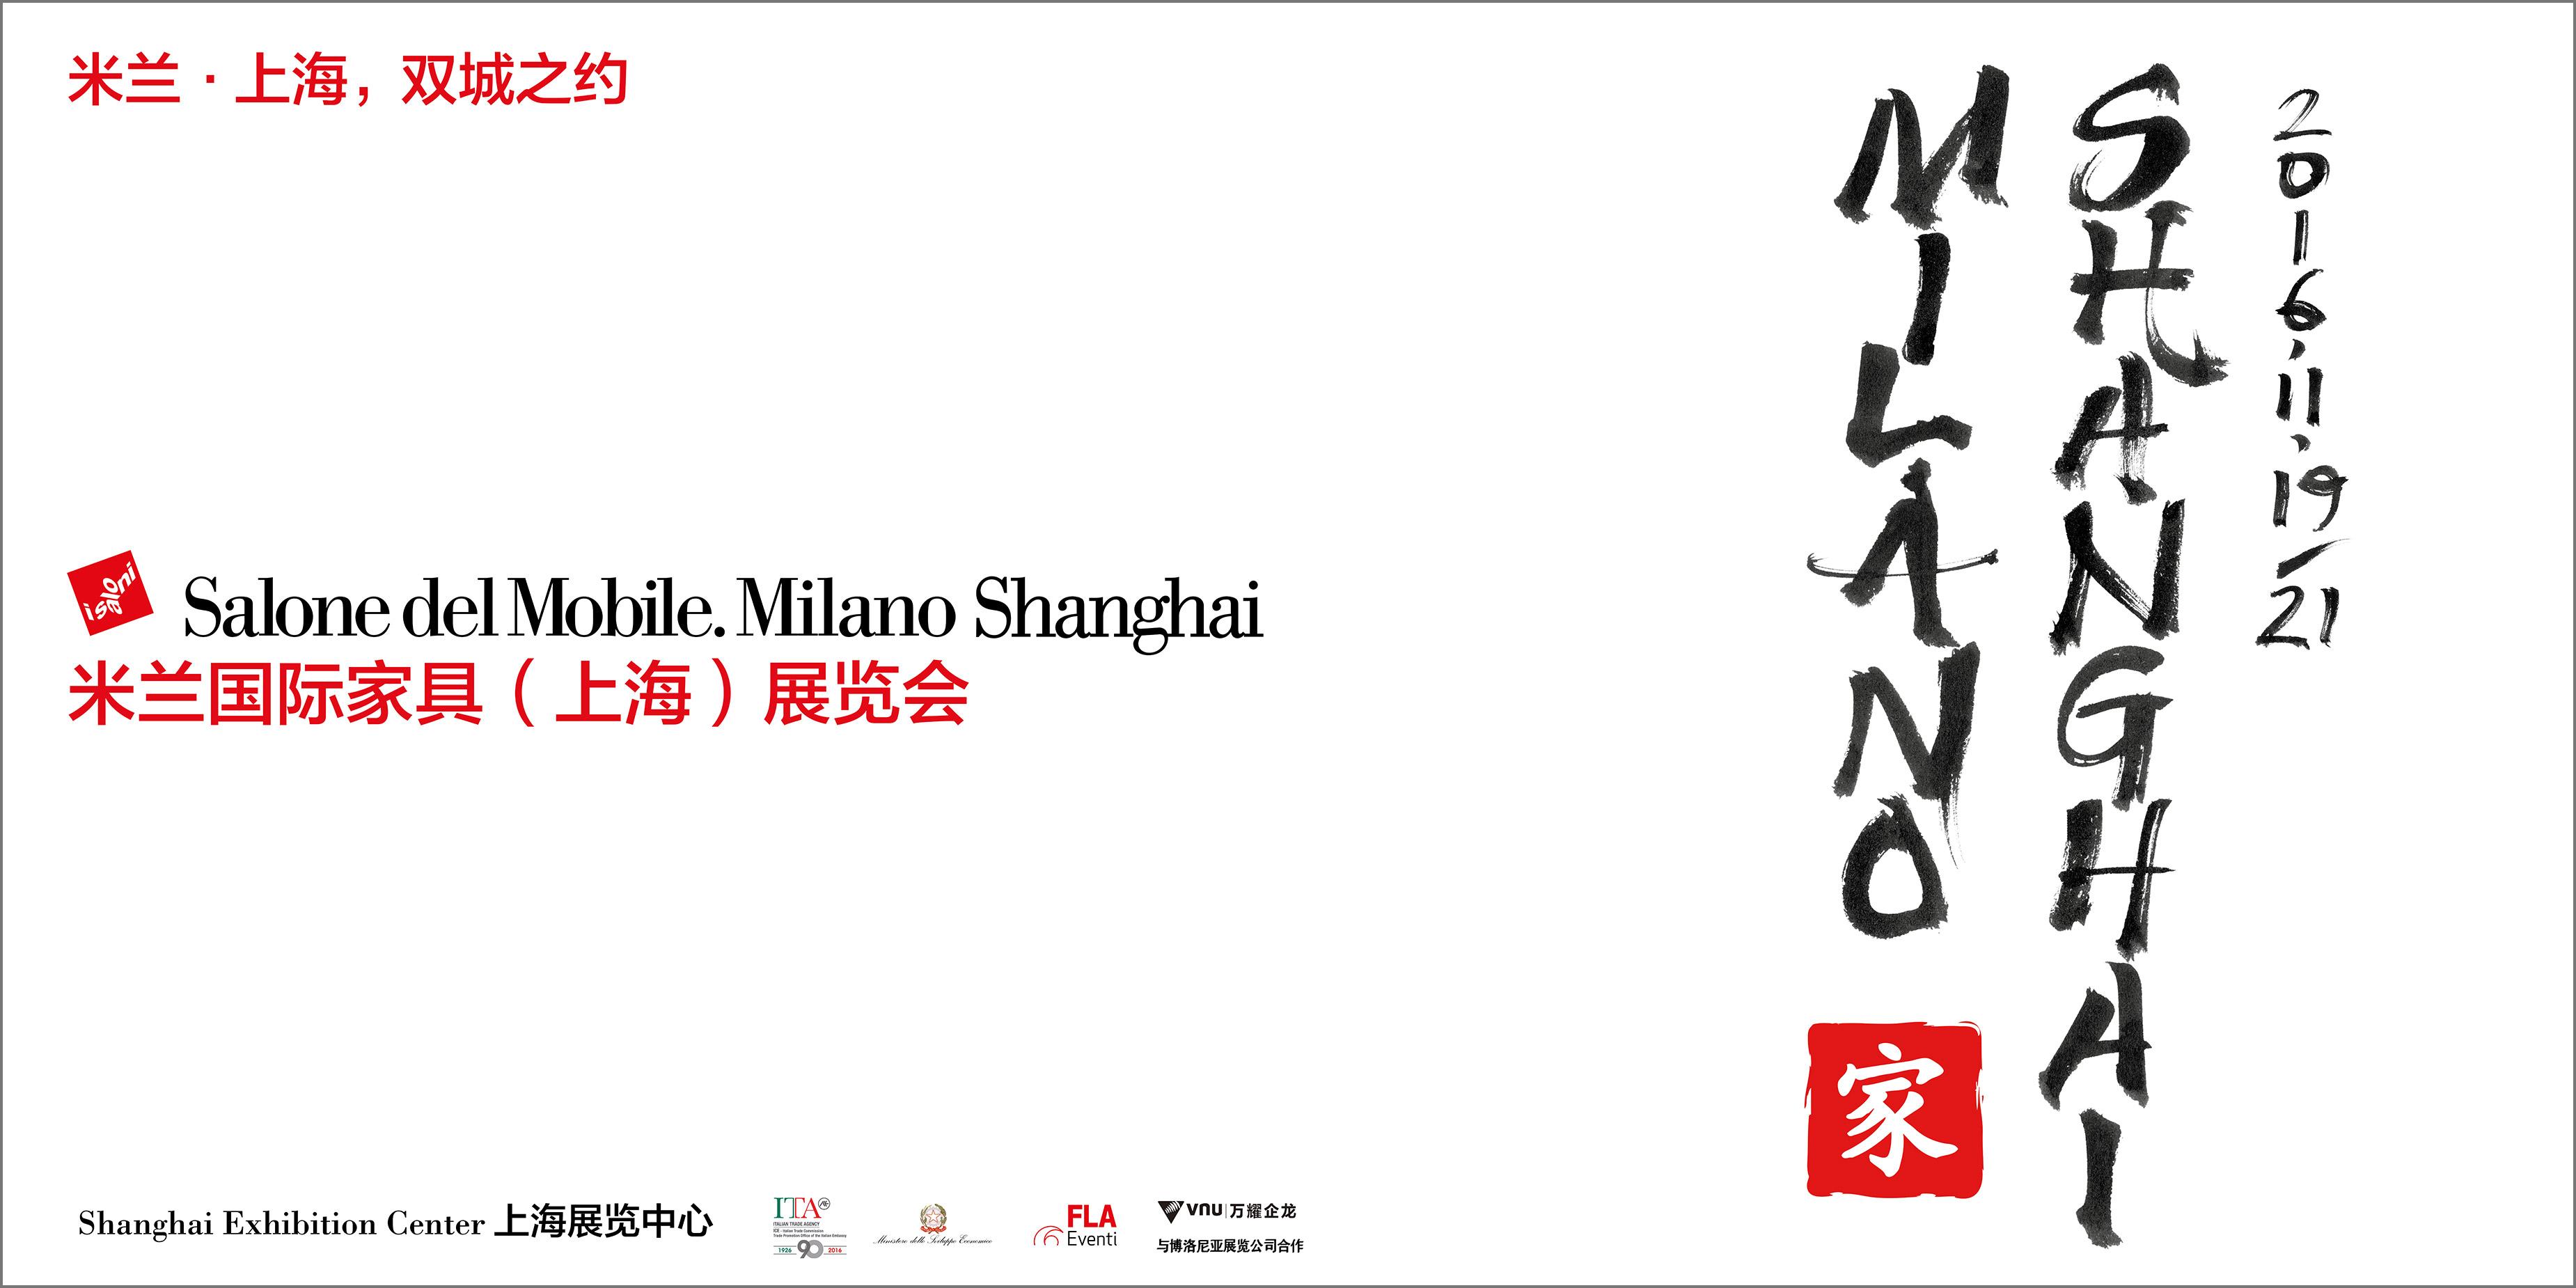 Salone del mobile milano shanghai lorenzo marini associates for Salone del mobile milano biglietti omaggio